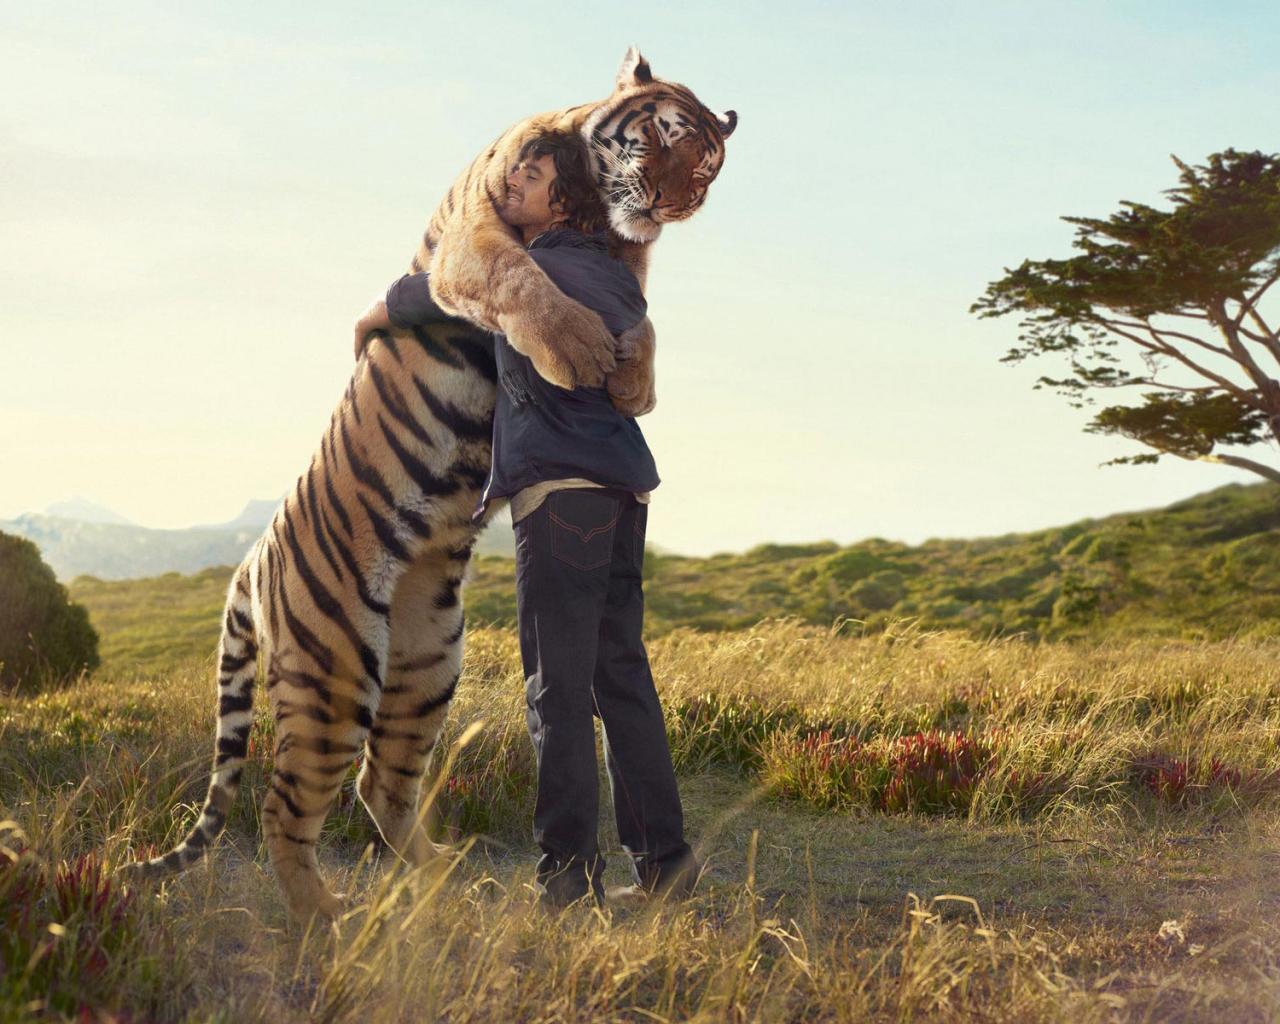 Animal Tiger Hug And 172330